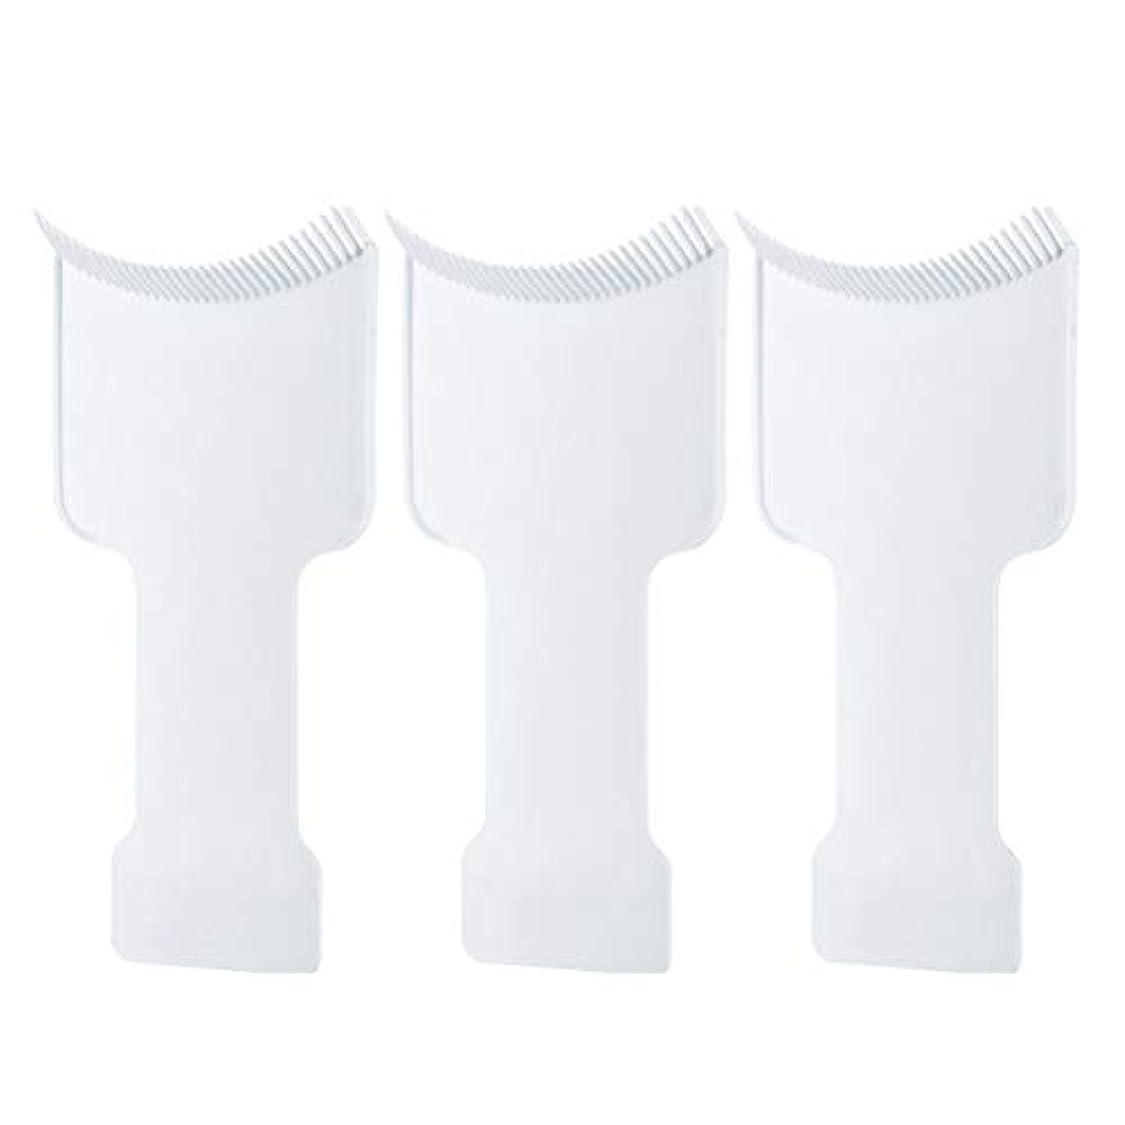 強風スラム廃棄するFrcolor ヘアダイブラシ ヘアダイコーム ヘアカラー 毛染め ヘアスタイリング 家庭用 美容師プロ用 プラスチック製 3点セット(ホワイト)